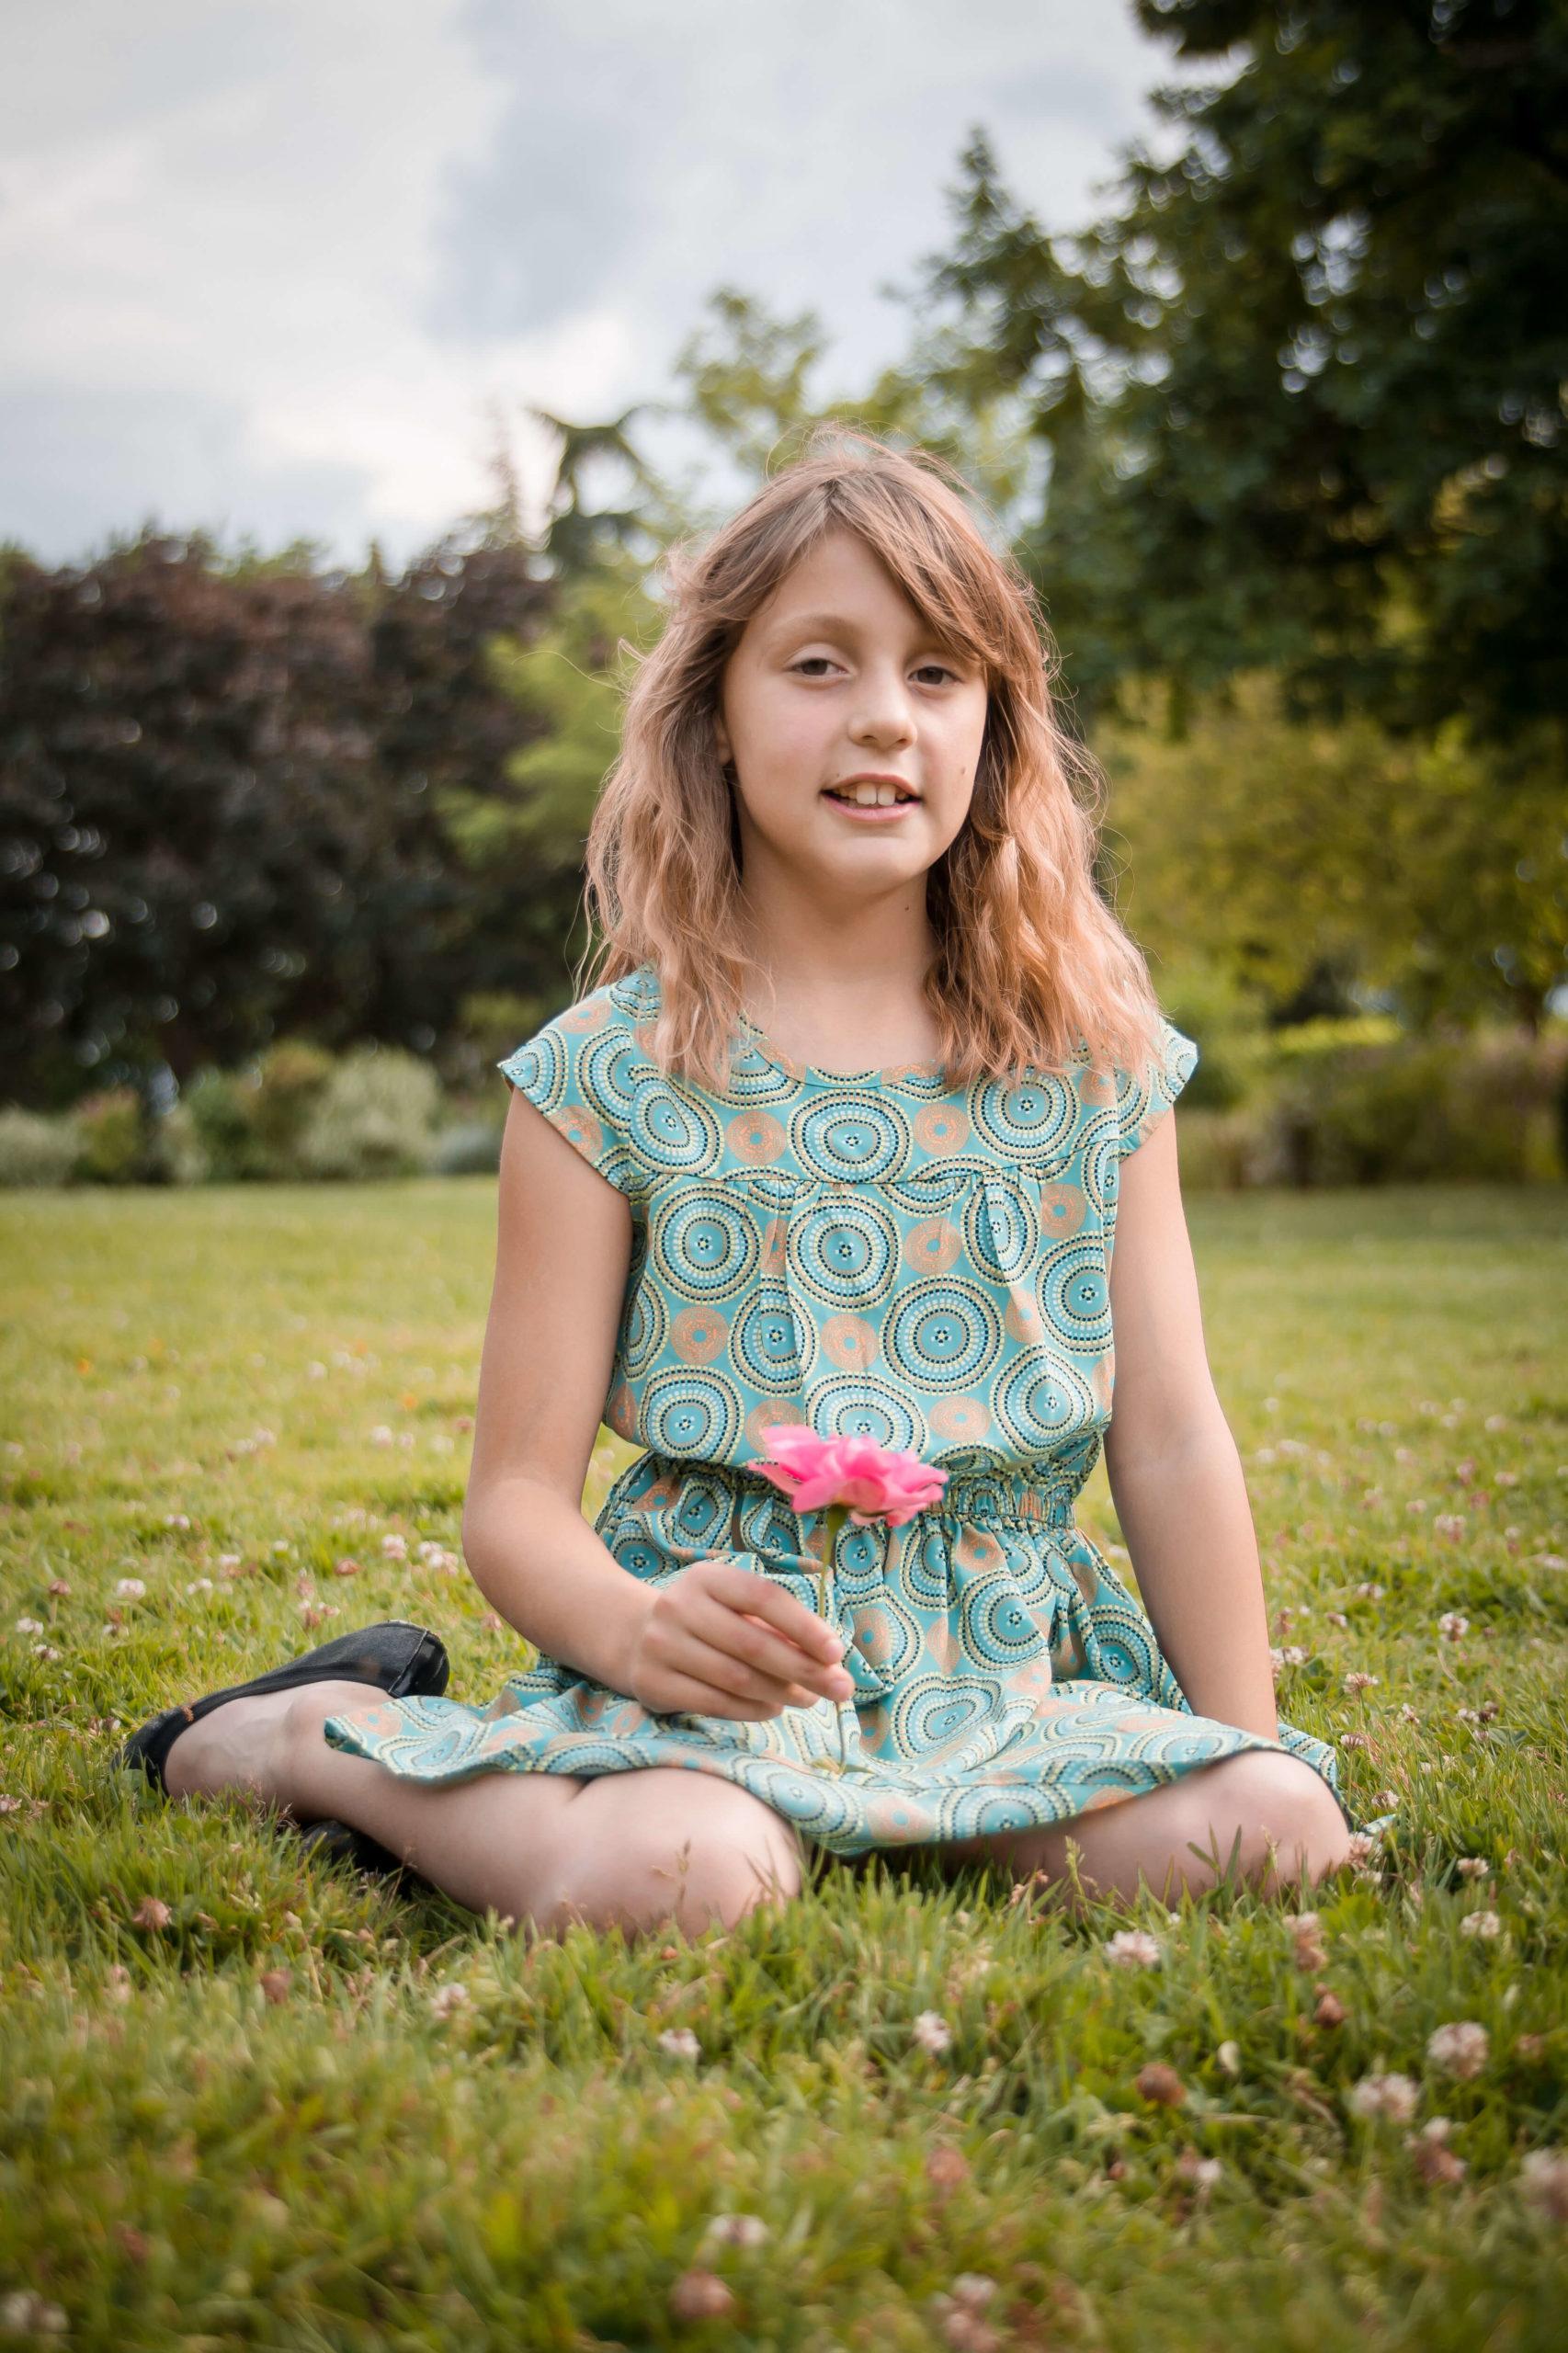 Portrait d'une petite fille assise dans l'herbe et tenant une fleur.